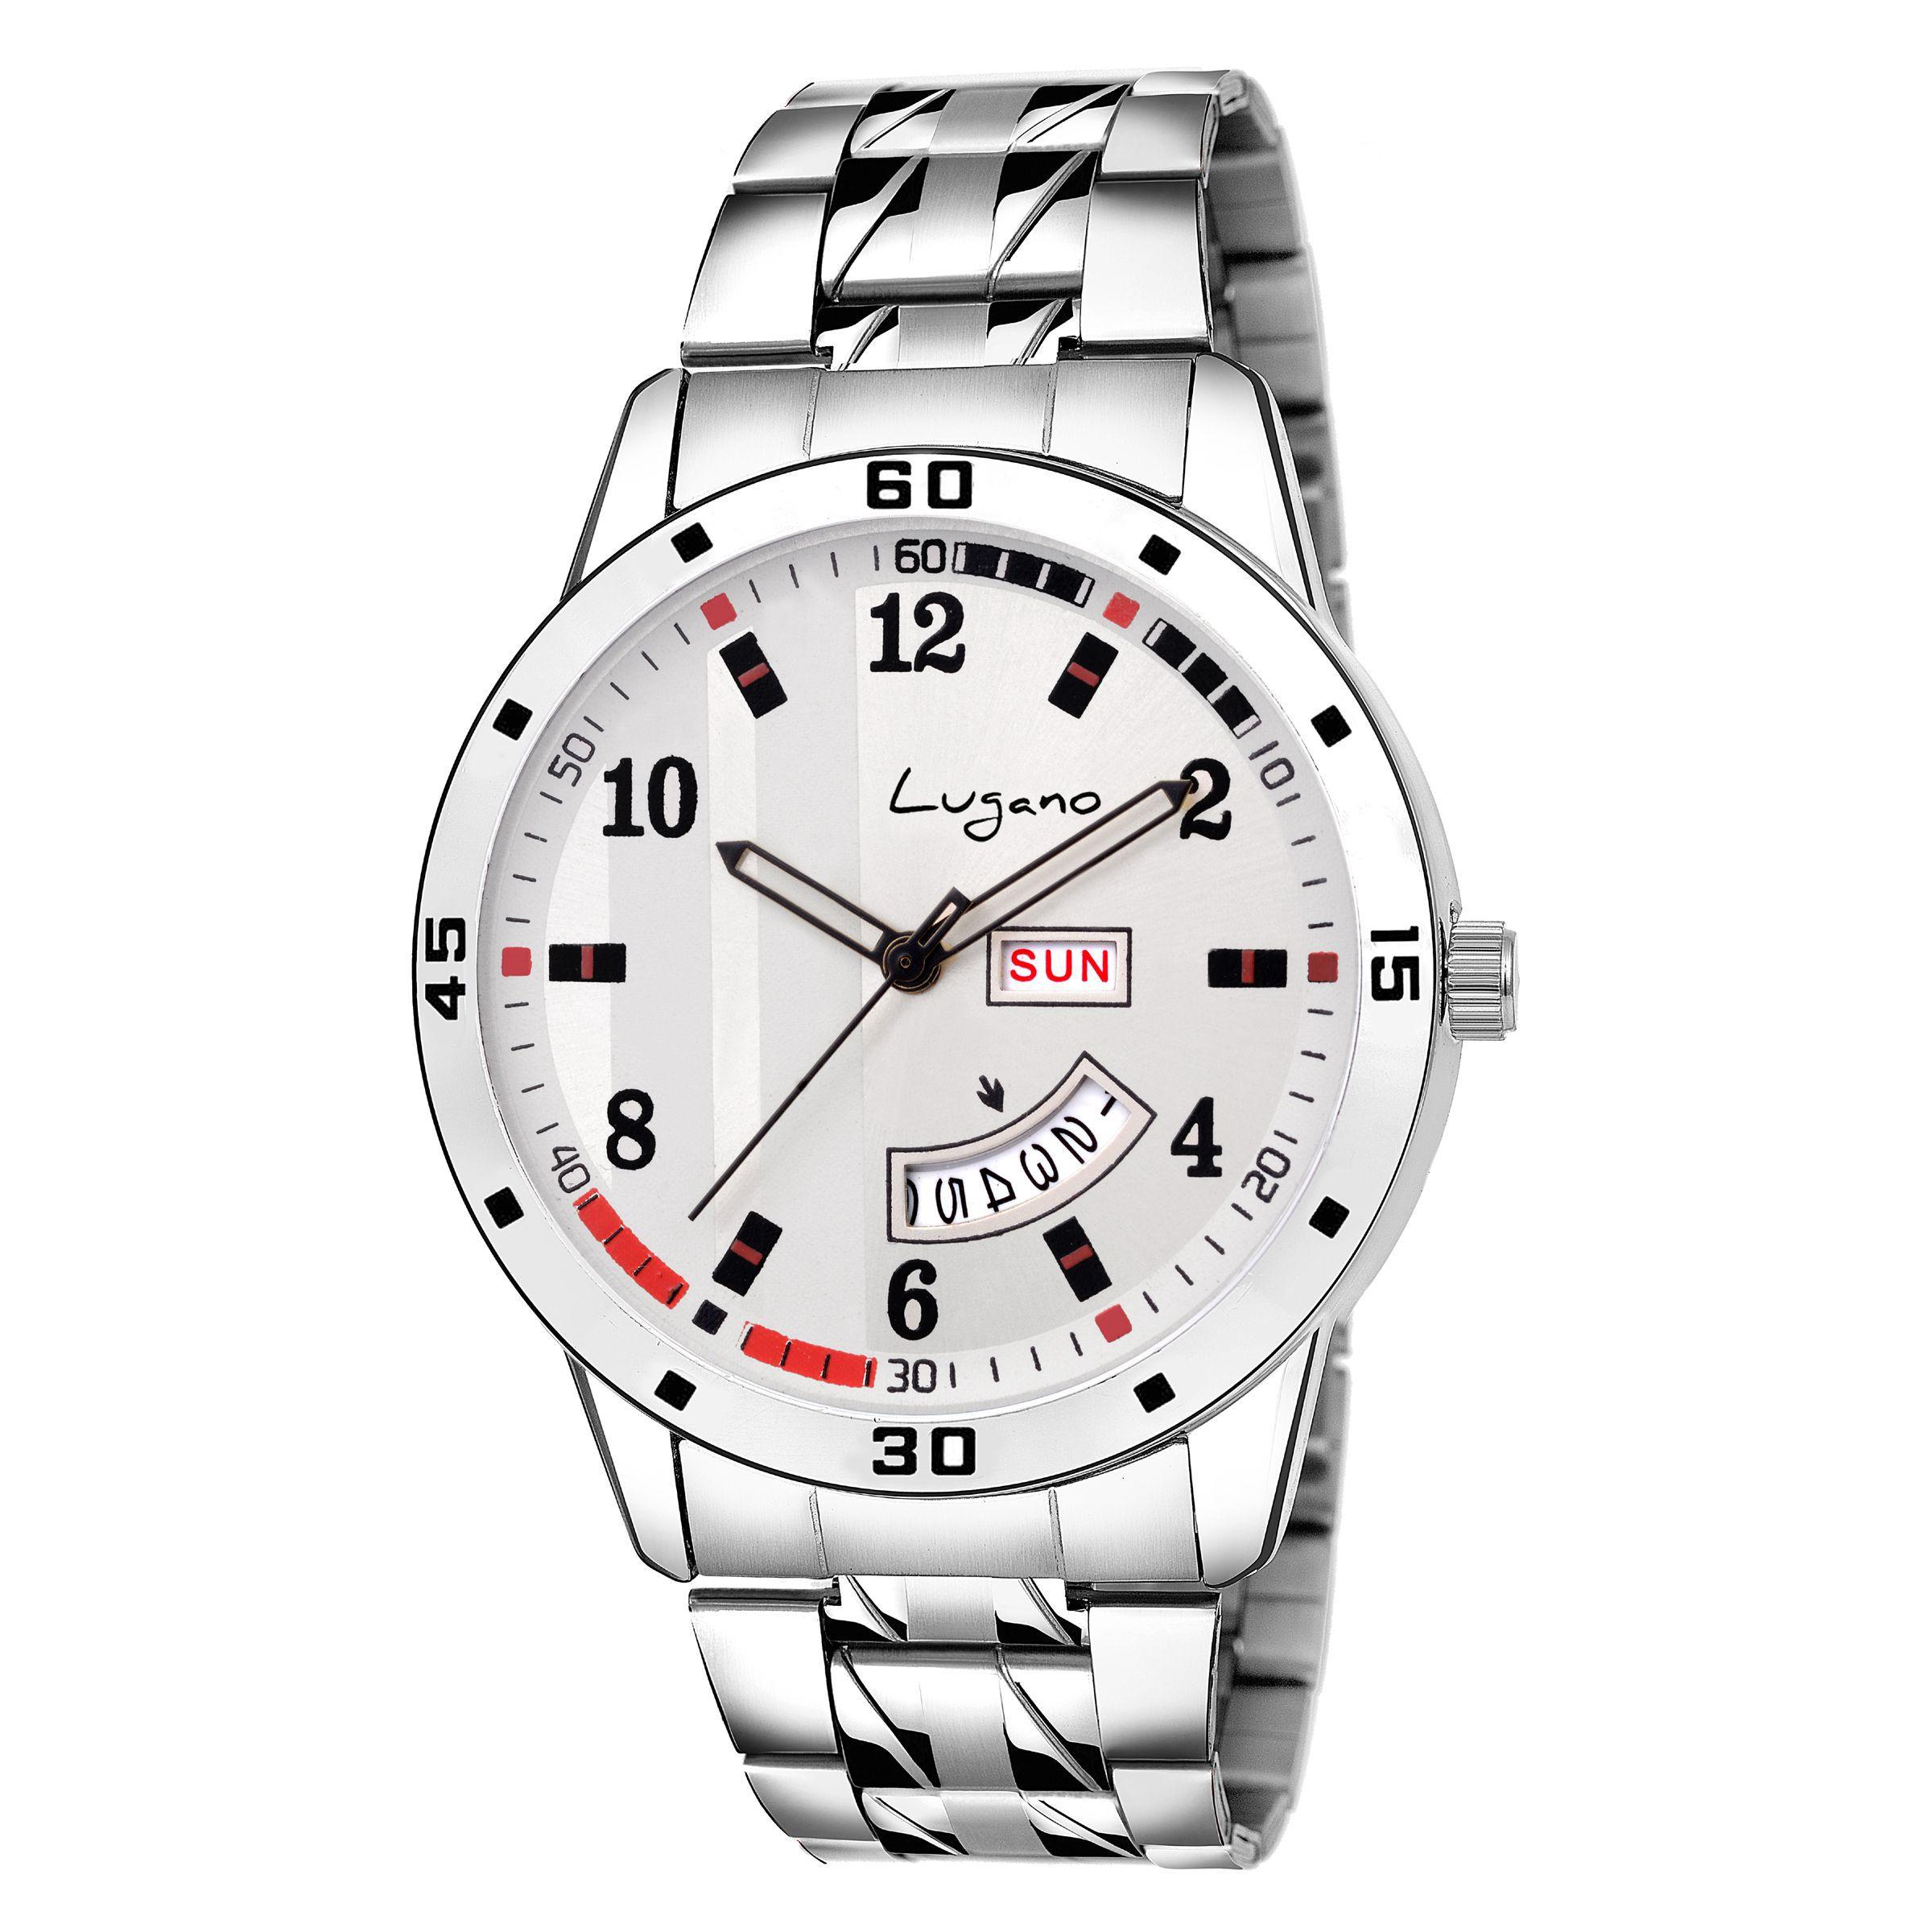 Lugano LG 1167 Stainless Steel Analog Men's Watch